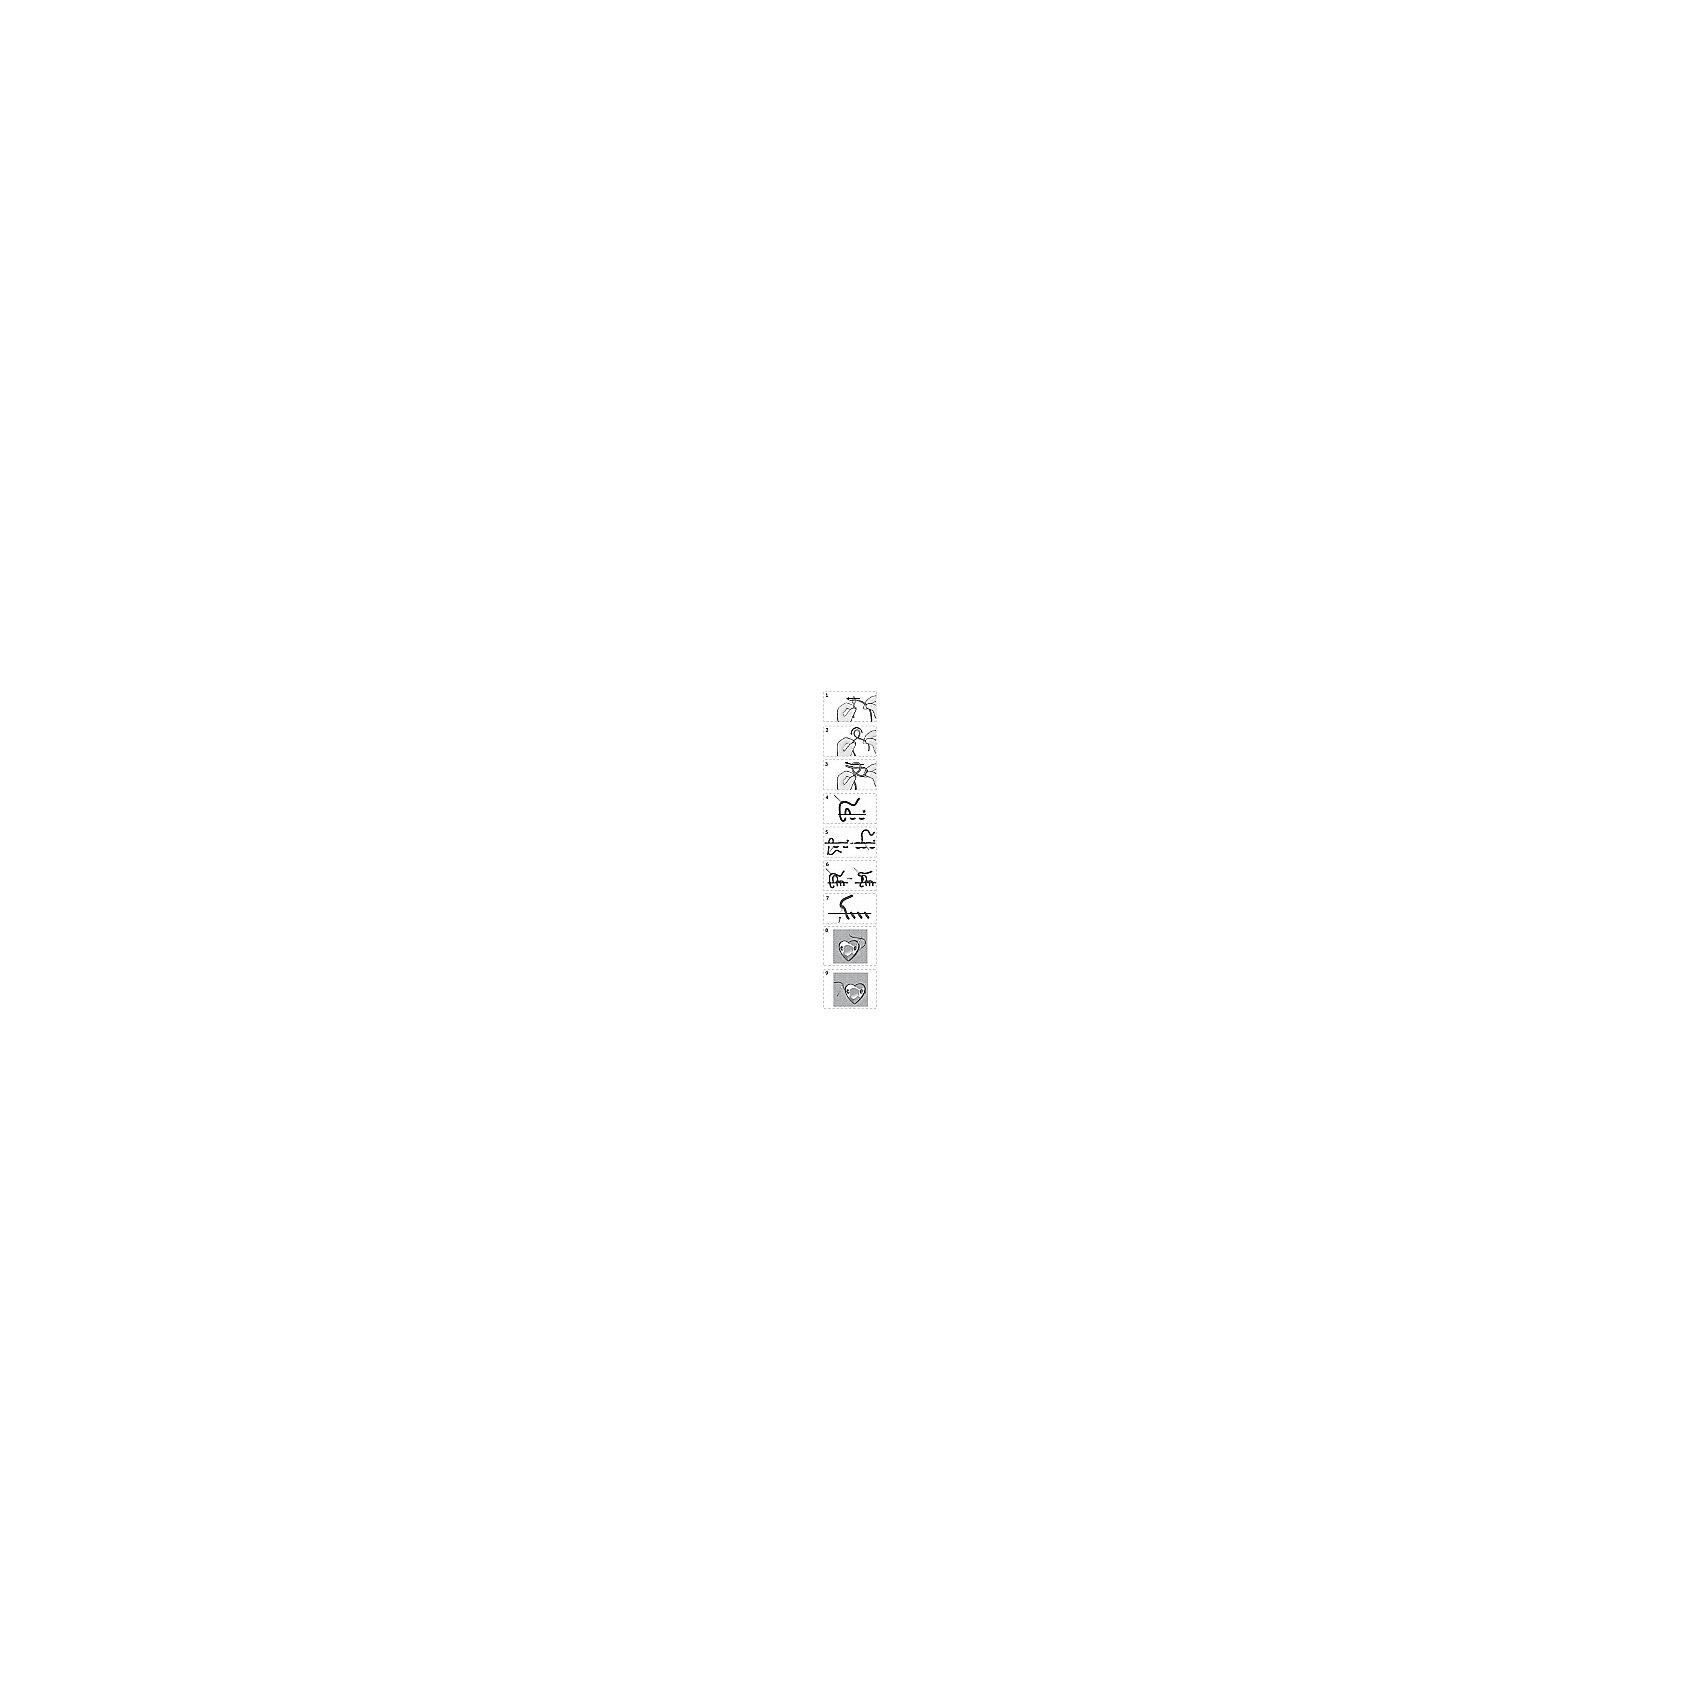 Дизайнер модных платьев София, CreativeШитьё<br>Характеристики:<br><br>• возраст: от 8 лет<br>• в наборе: пластиковый манекен (высотой 22 см); набор английских булавок (40 шт.); приблизительно 40 страз; 3 отреза ткани - блестящая ткань (20x20 см), однотонная ткань (20x20 см), набивная ткань (20 x28 см); катушка швейных ниток (около 9 метров); игла; 2 застежки-липучки; выкройки, эскизы, инструкция<br>• дополнительно понадобятся: ножницы, линейка, цветной карандаш<br>• упаковка: картонная коробка<br>• размер упаковки: 25,5х13х6 см.<br>• вес: 271 гр.<br><br>Пришло время воплотить мечту в реальность и стать дизайнером модной и стильной одежды.<br><br>Придумай фасон и сшей свой вариант наряда для куклы. Используй ткань различных фактур и расцветок и создавай неповторимый стиль. Прилагаемые выкройки подойдут для любой куклы высотой 28 см. Манекен, ткань, нитки, булавки и многое другое в готовом комплекте юной швеи.<br><br>Набор Дизайнер модных платьев София, Creative (Креатив) можно купить в нашем интернет-магазине.<br><br>Ширина мм: 255<br>Глубина мм: 130<br>Высота мм: 60<br>Вес г: 271<br>Возраст от месяцев: 96<br>Возраст до месяцев: 2147483647<br>Пол: Женский<br>Возраст: Детский<br>SKU: 6741847